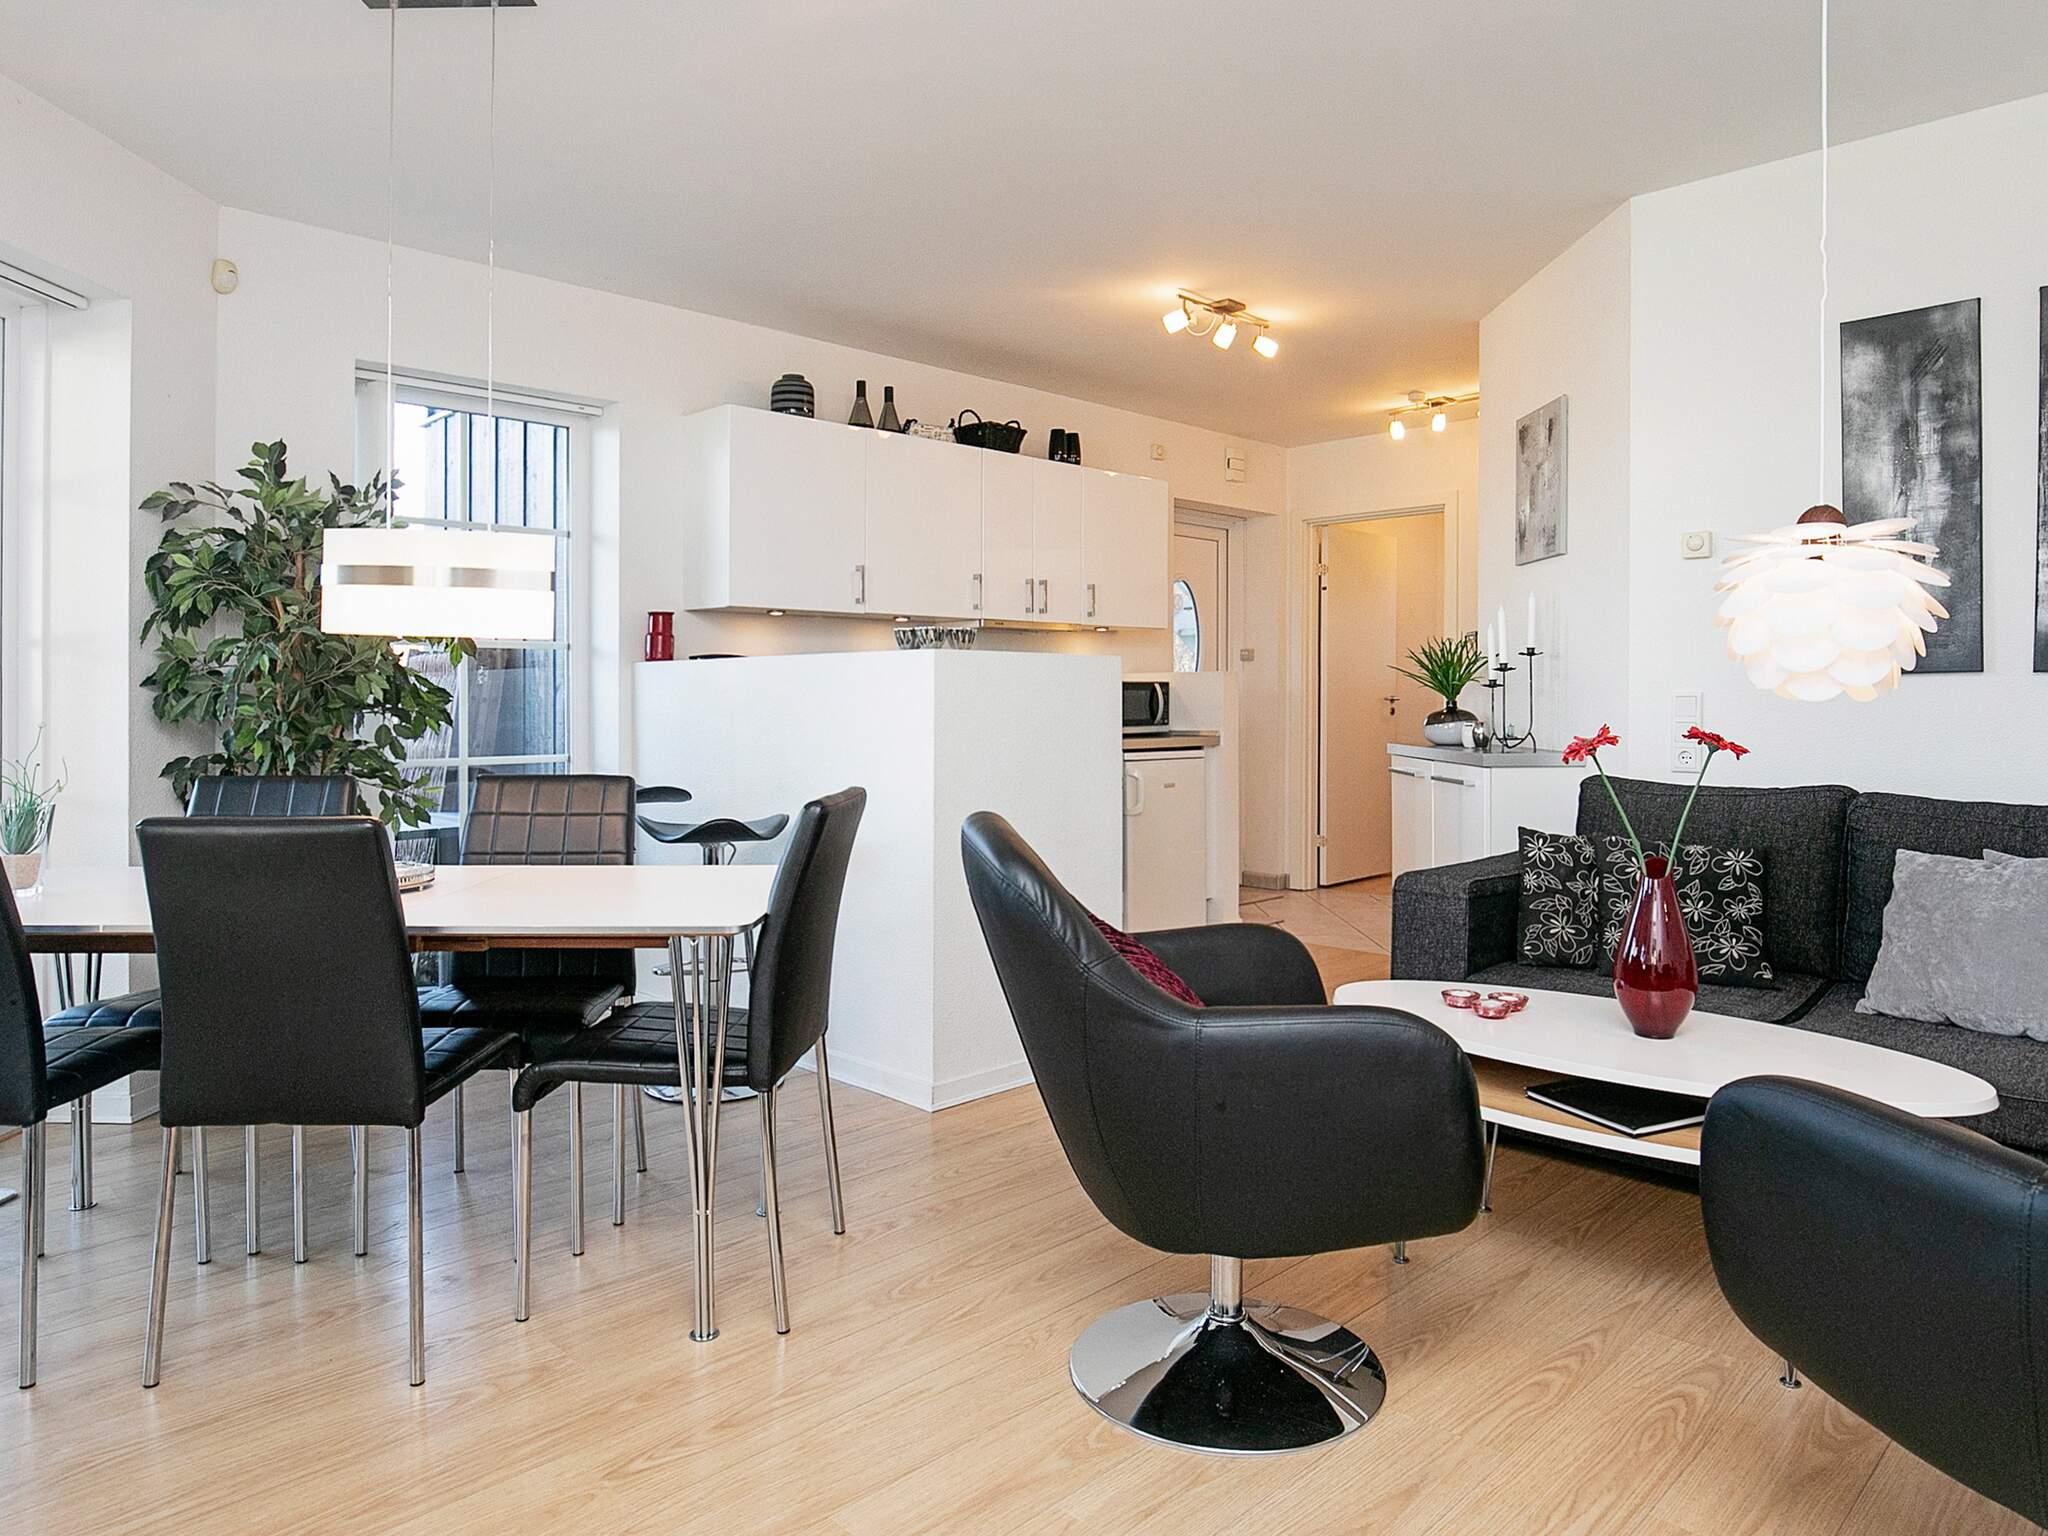 Appartement de vacances Bogense - Typ 4 - 3 Zimmer,Erdgeschoss (1087170), Bogense, , Fionie, Danemark, image 3